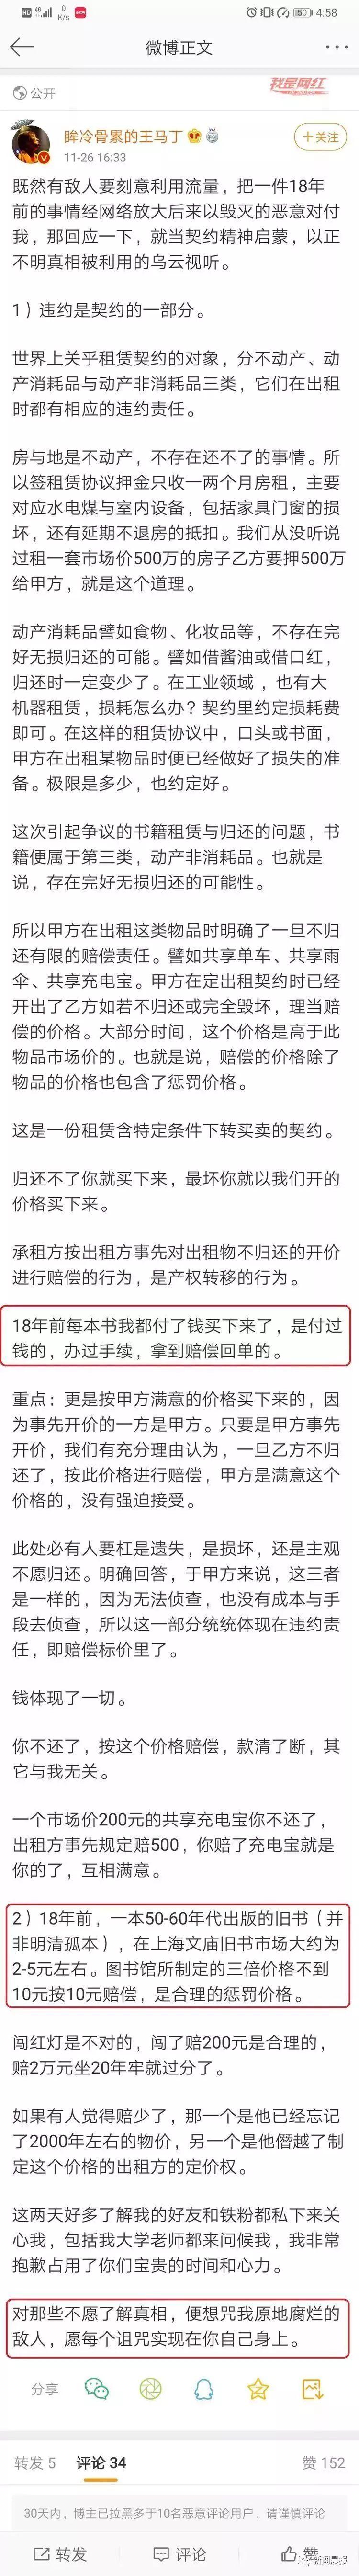 ag橫峰集团娱乐,从1岁到18岁,除了陪伴,宝妈还能为孩子做些什么?